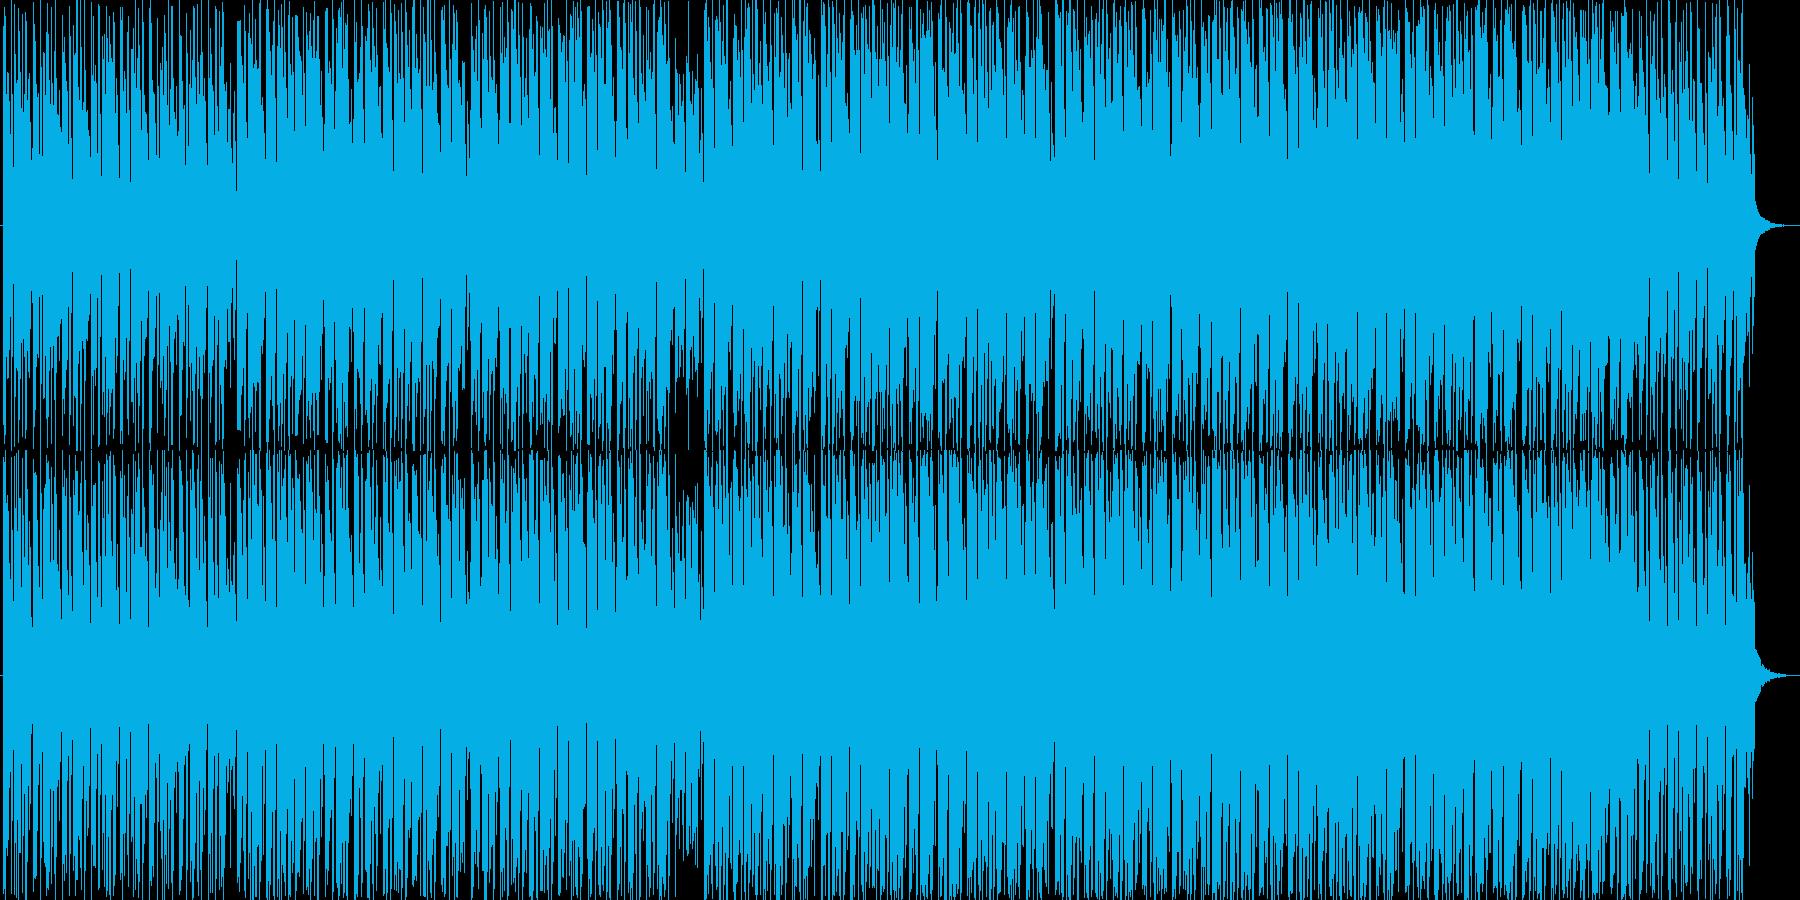 リズムが印象的な曲の再生済みの波形